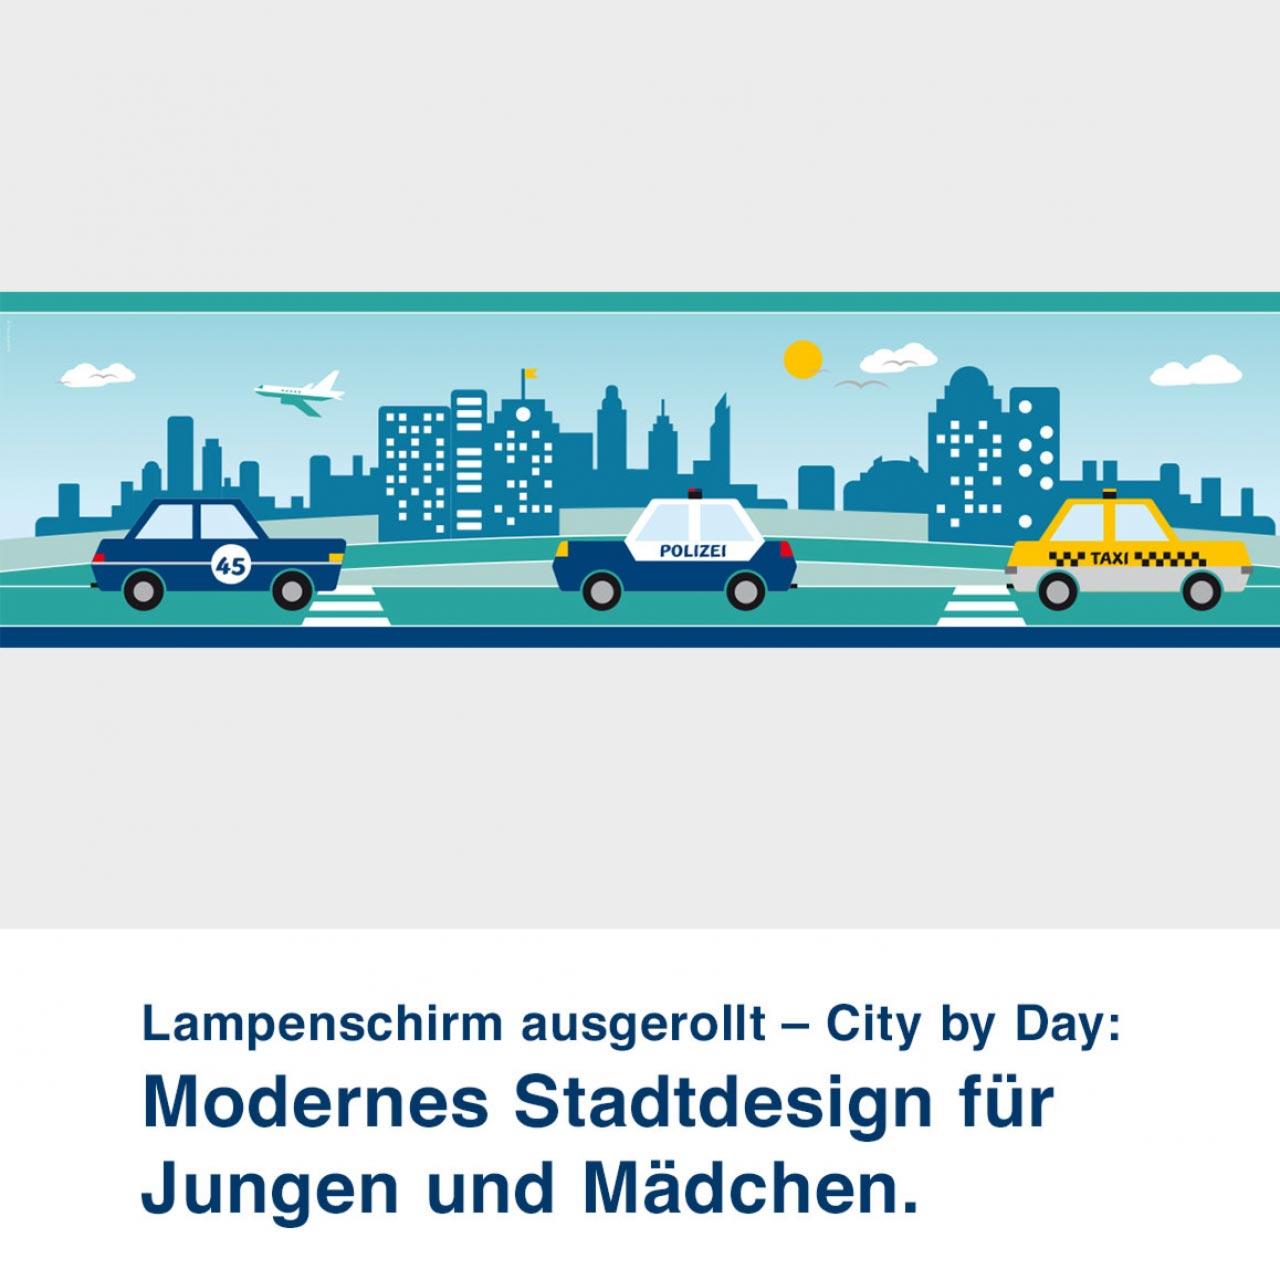 Lampenschirm ausgerollt mit Stadtmotiv, City by Day - ø 16 cm x 13,8 cm